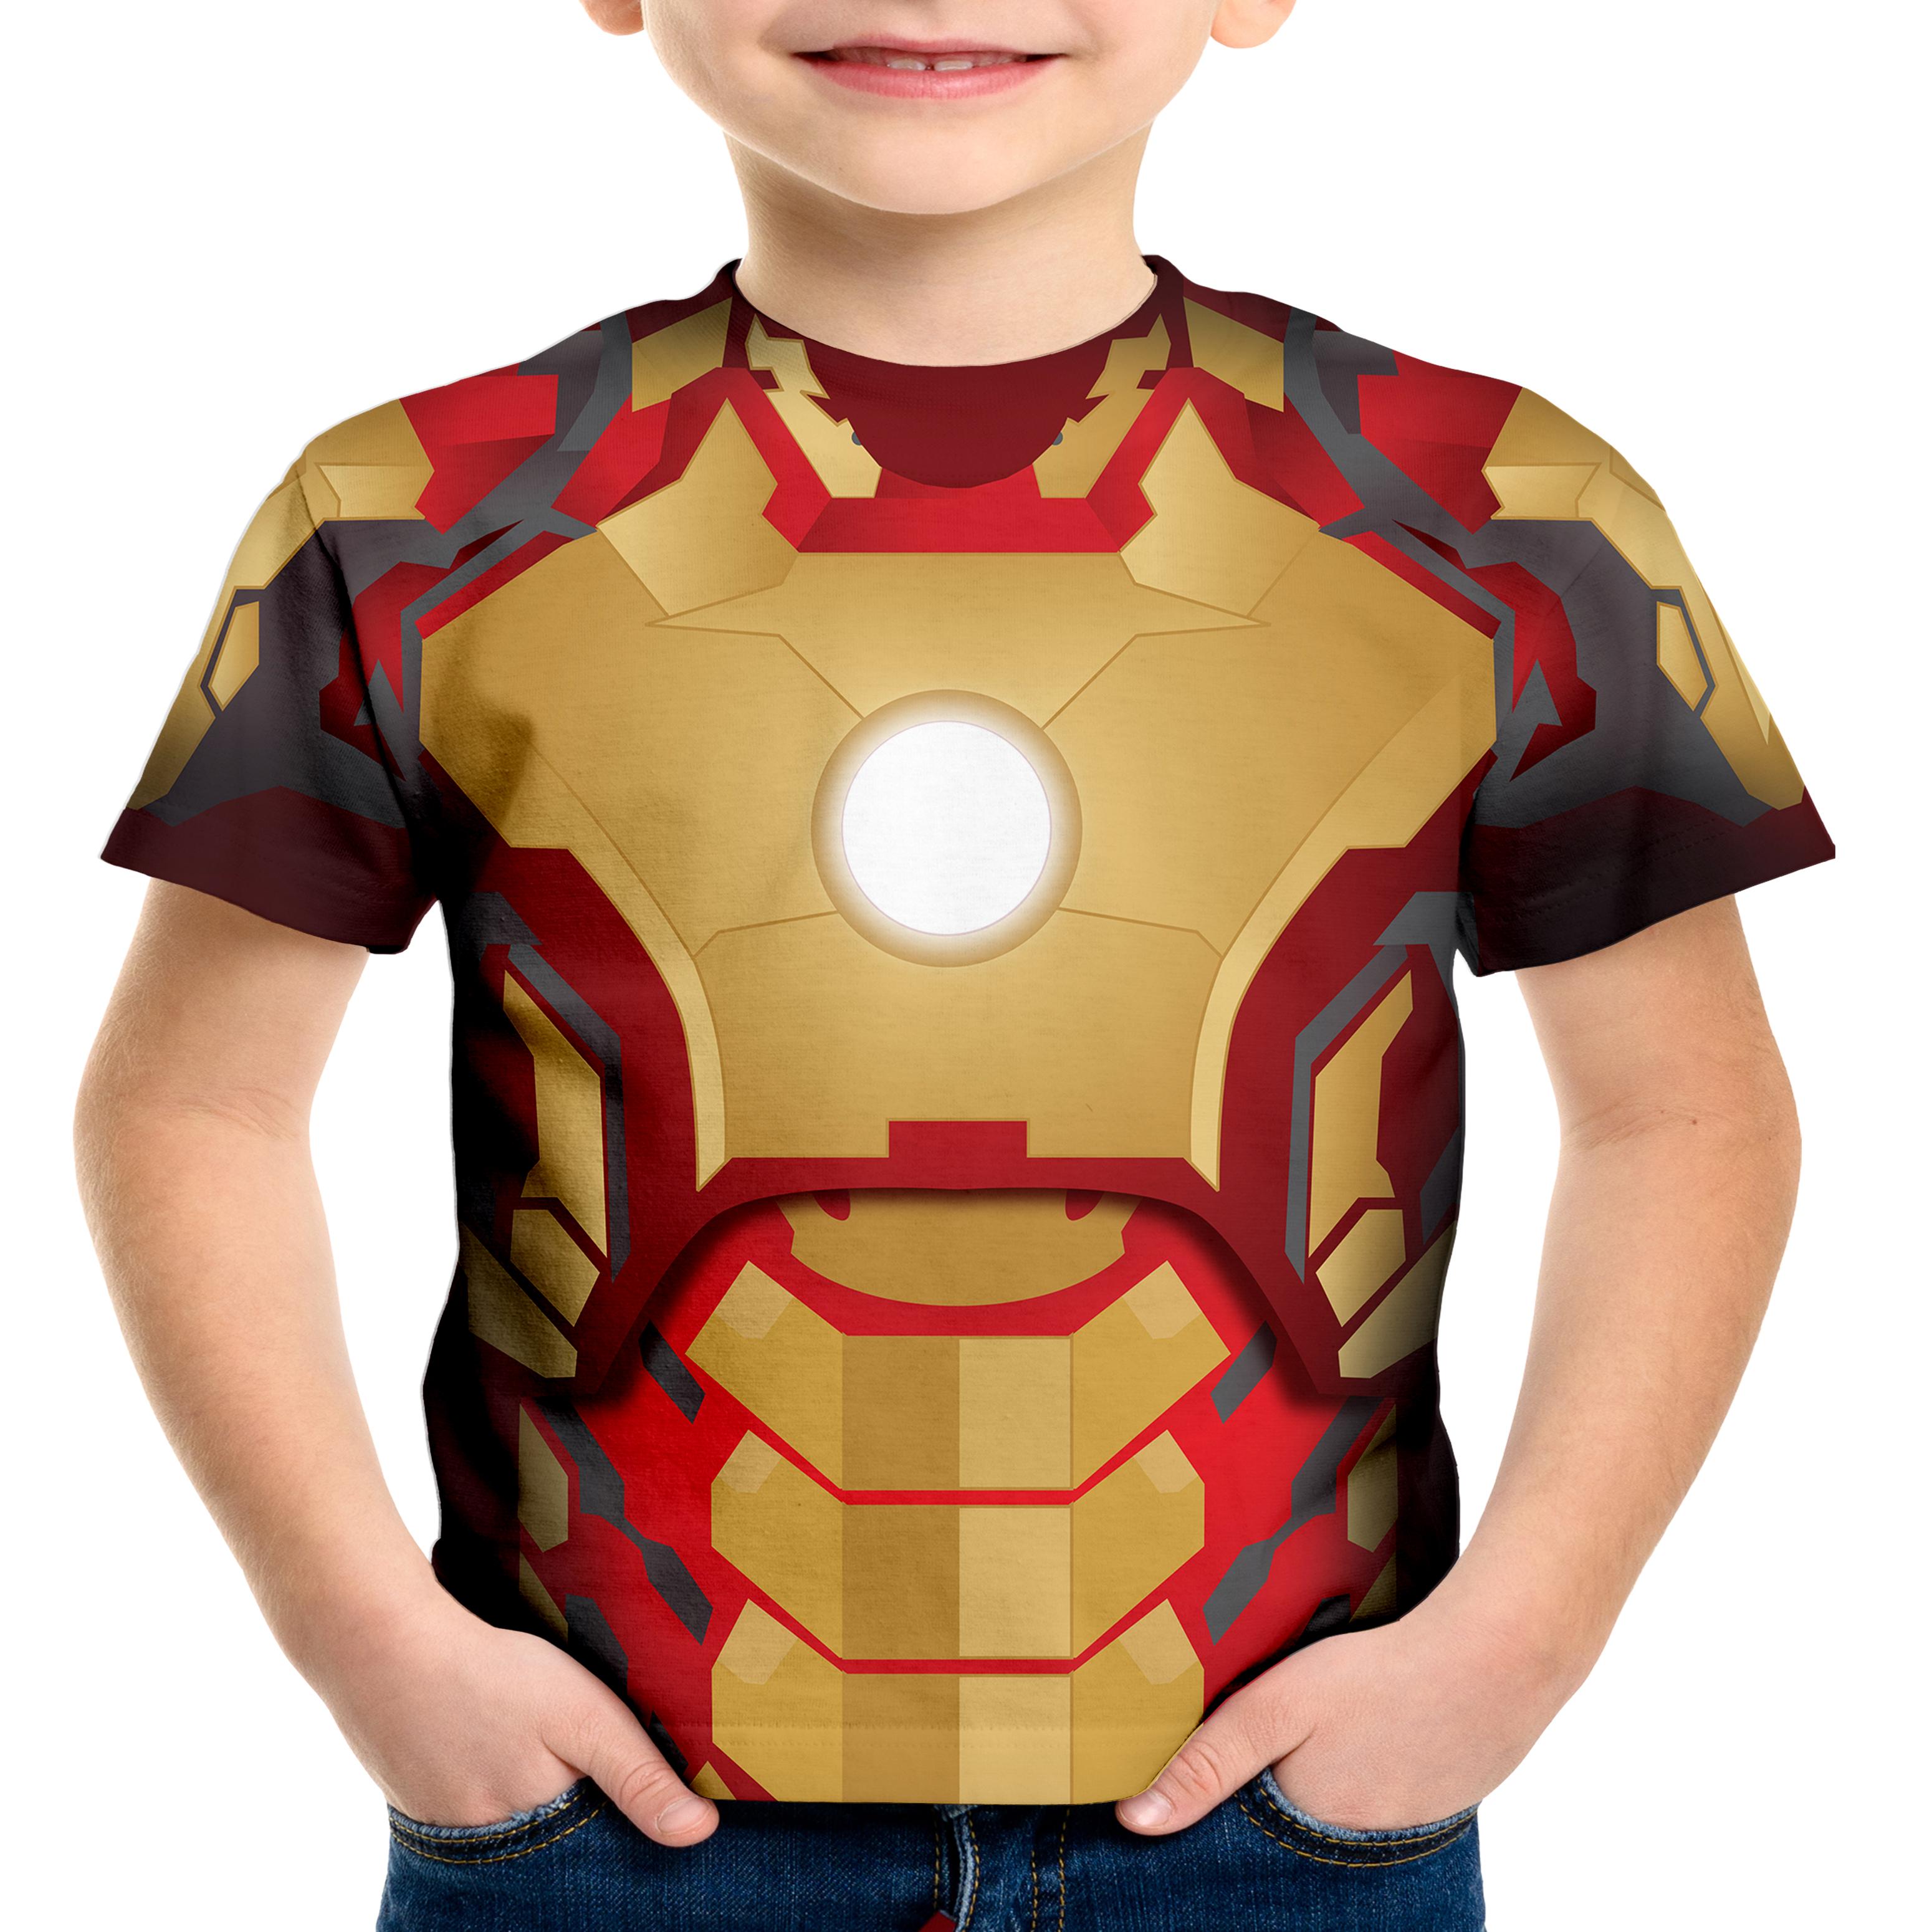 b04e104726 Camiseta Infantil Blusa Crianca Homem Ferro Iron Man Marvel | Elo7